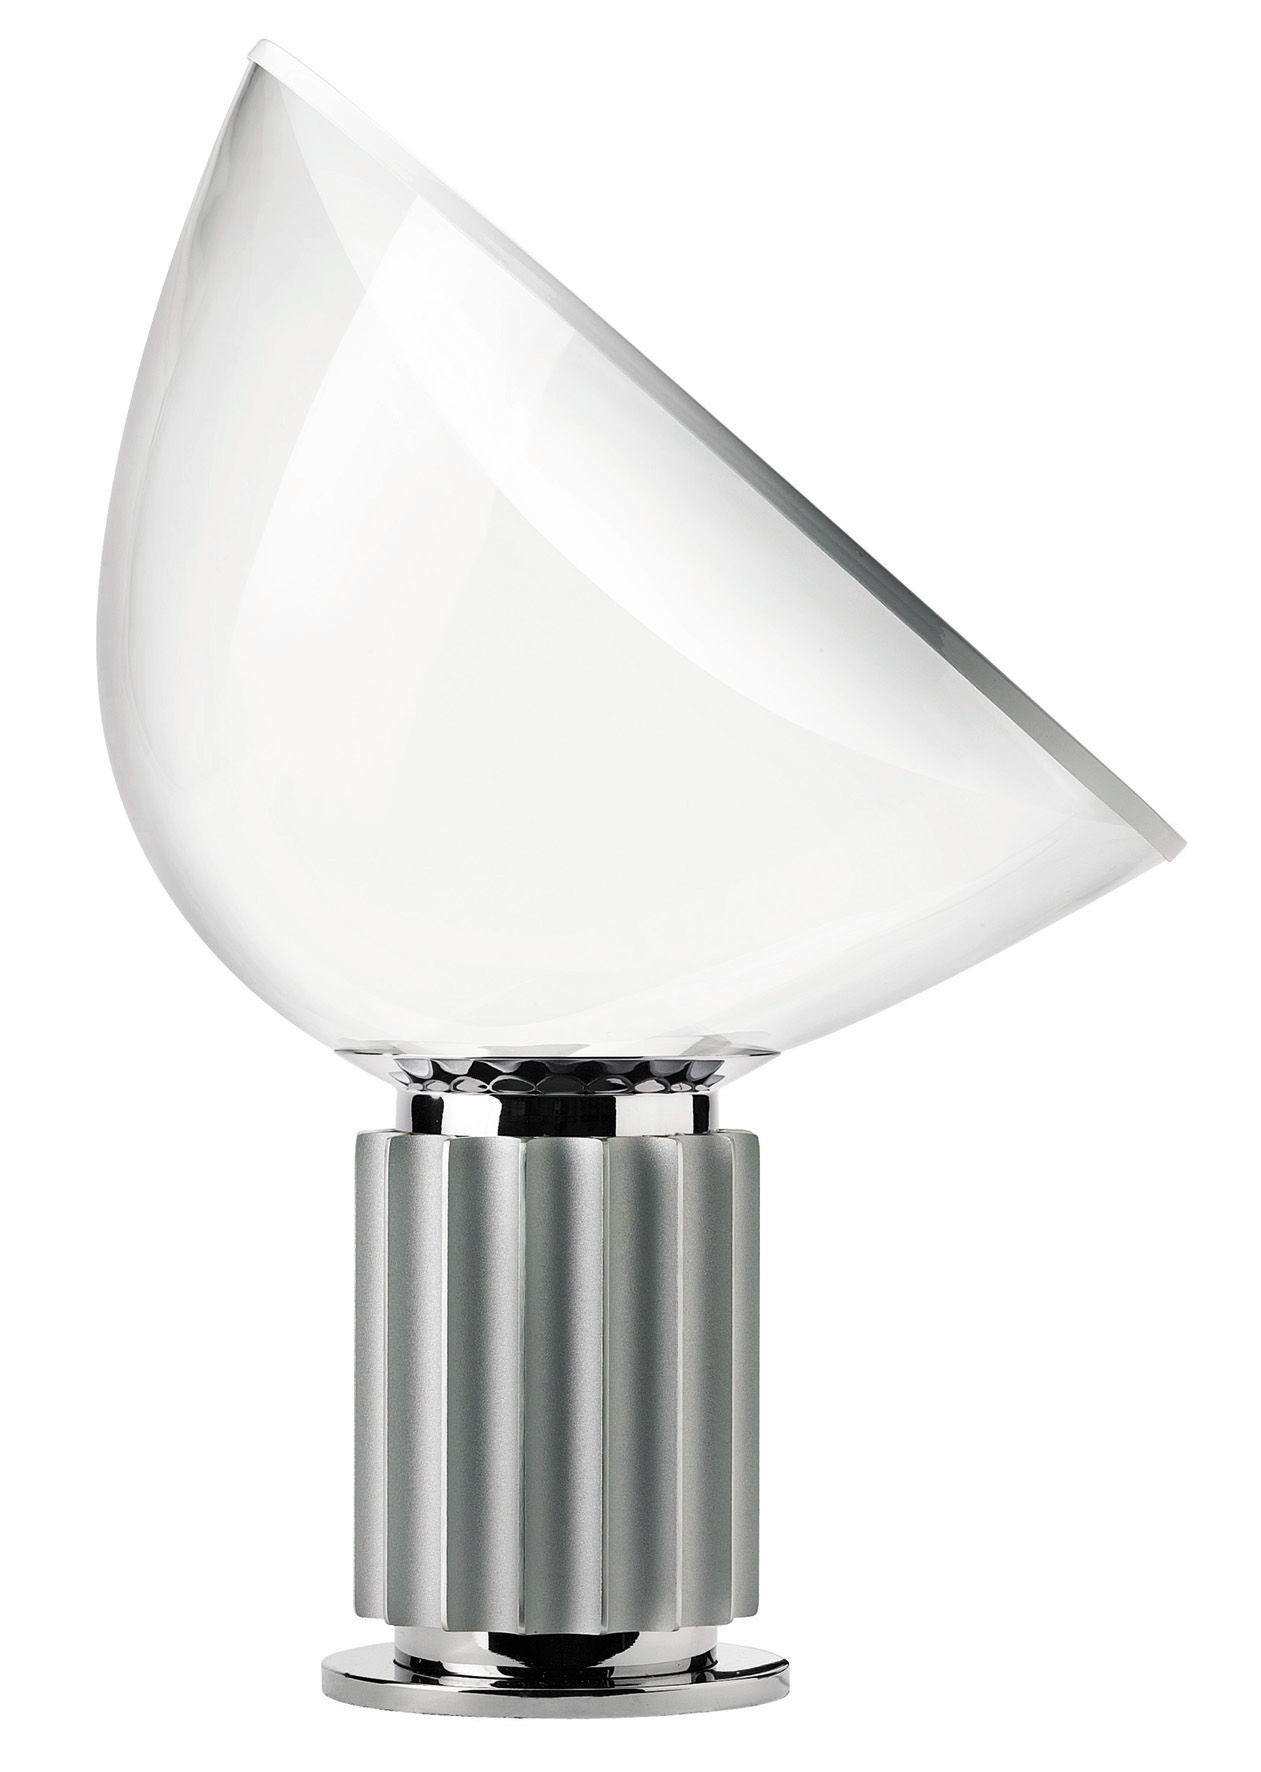 Taccia led lampada da tavolo base argento by flos made in design - Base lampada da tavolo ...